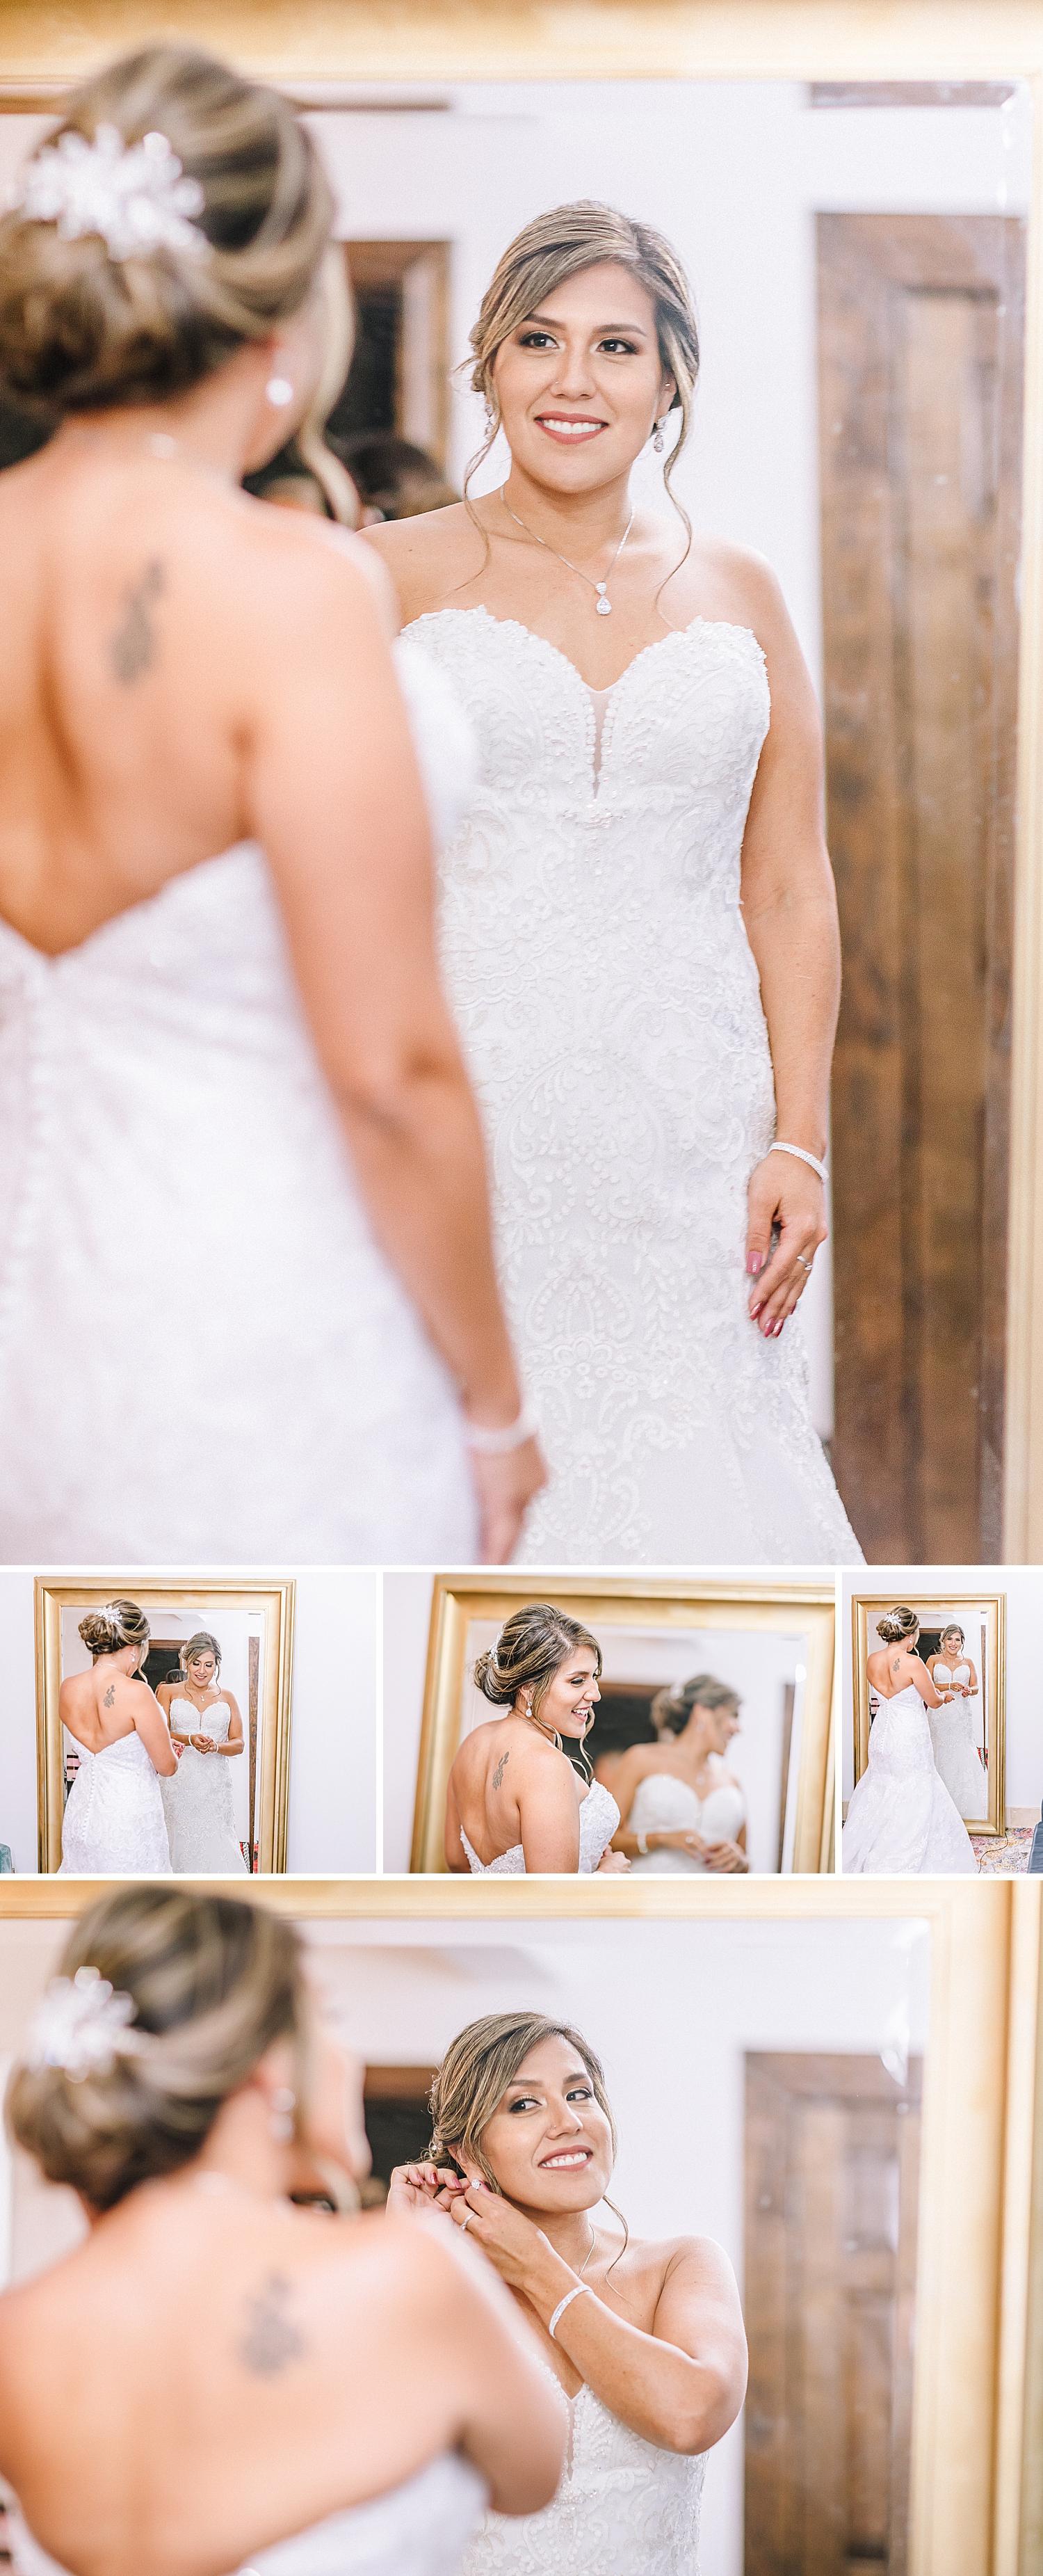 Carly-Barton-Photography-The-Villa-at-Cielo-Vista-Blush-Gold-White-Wedding-Photos_0108.jpg